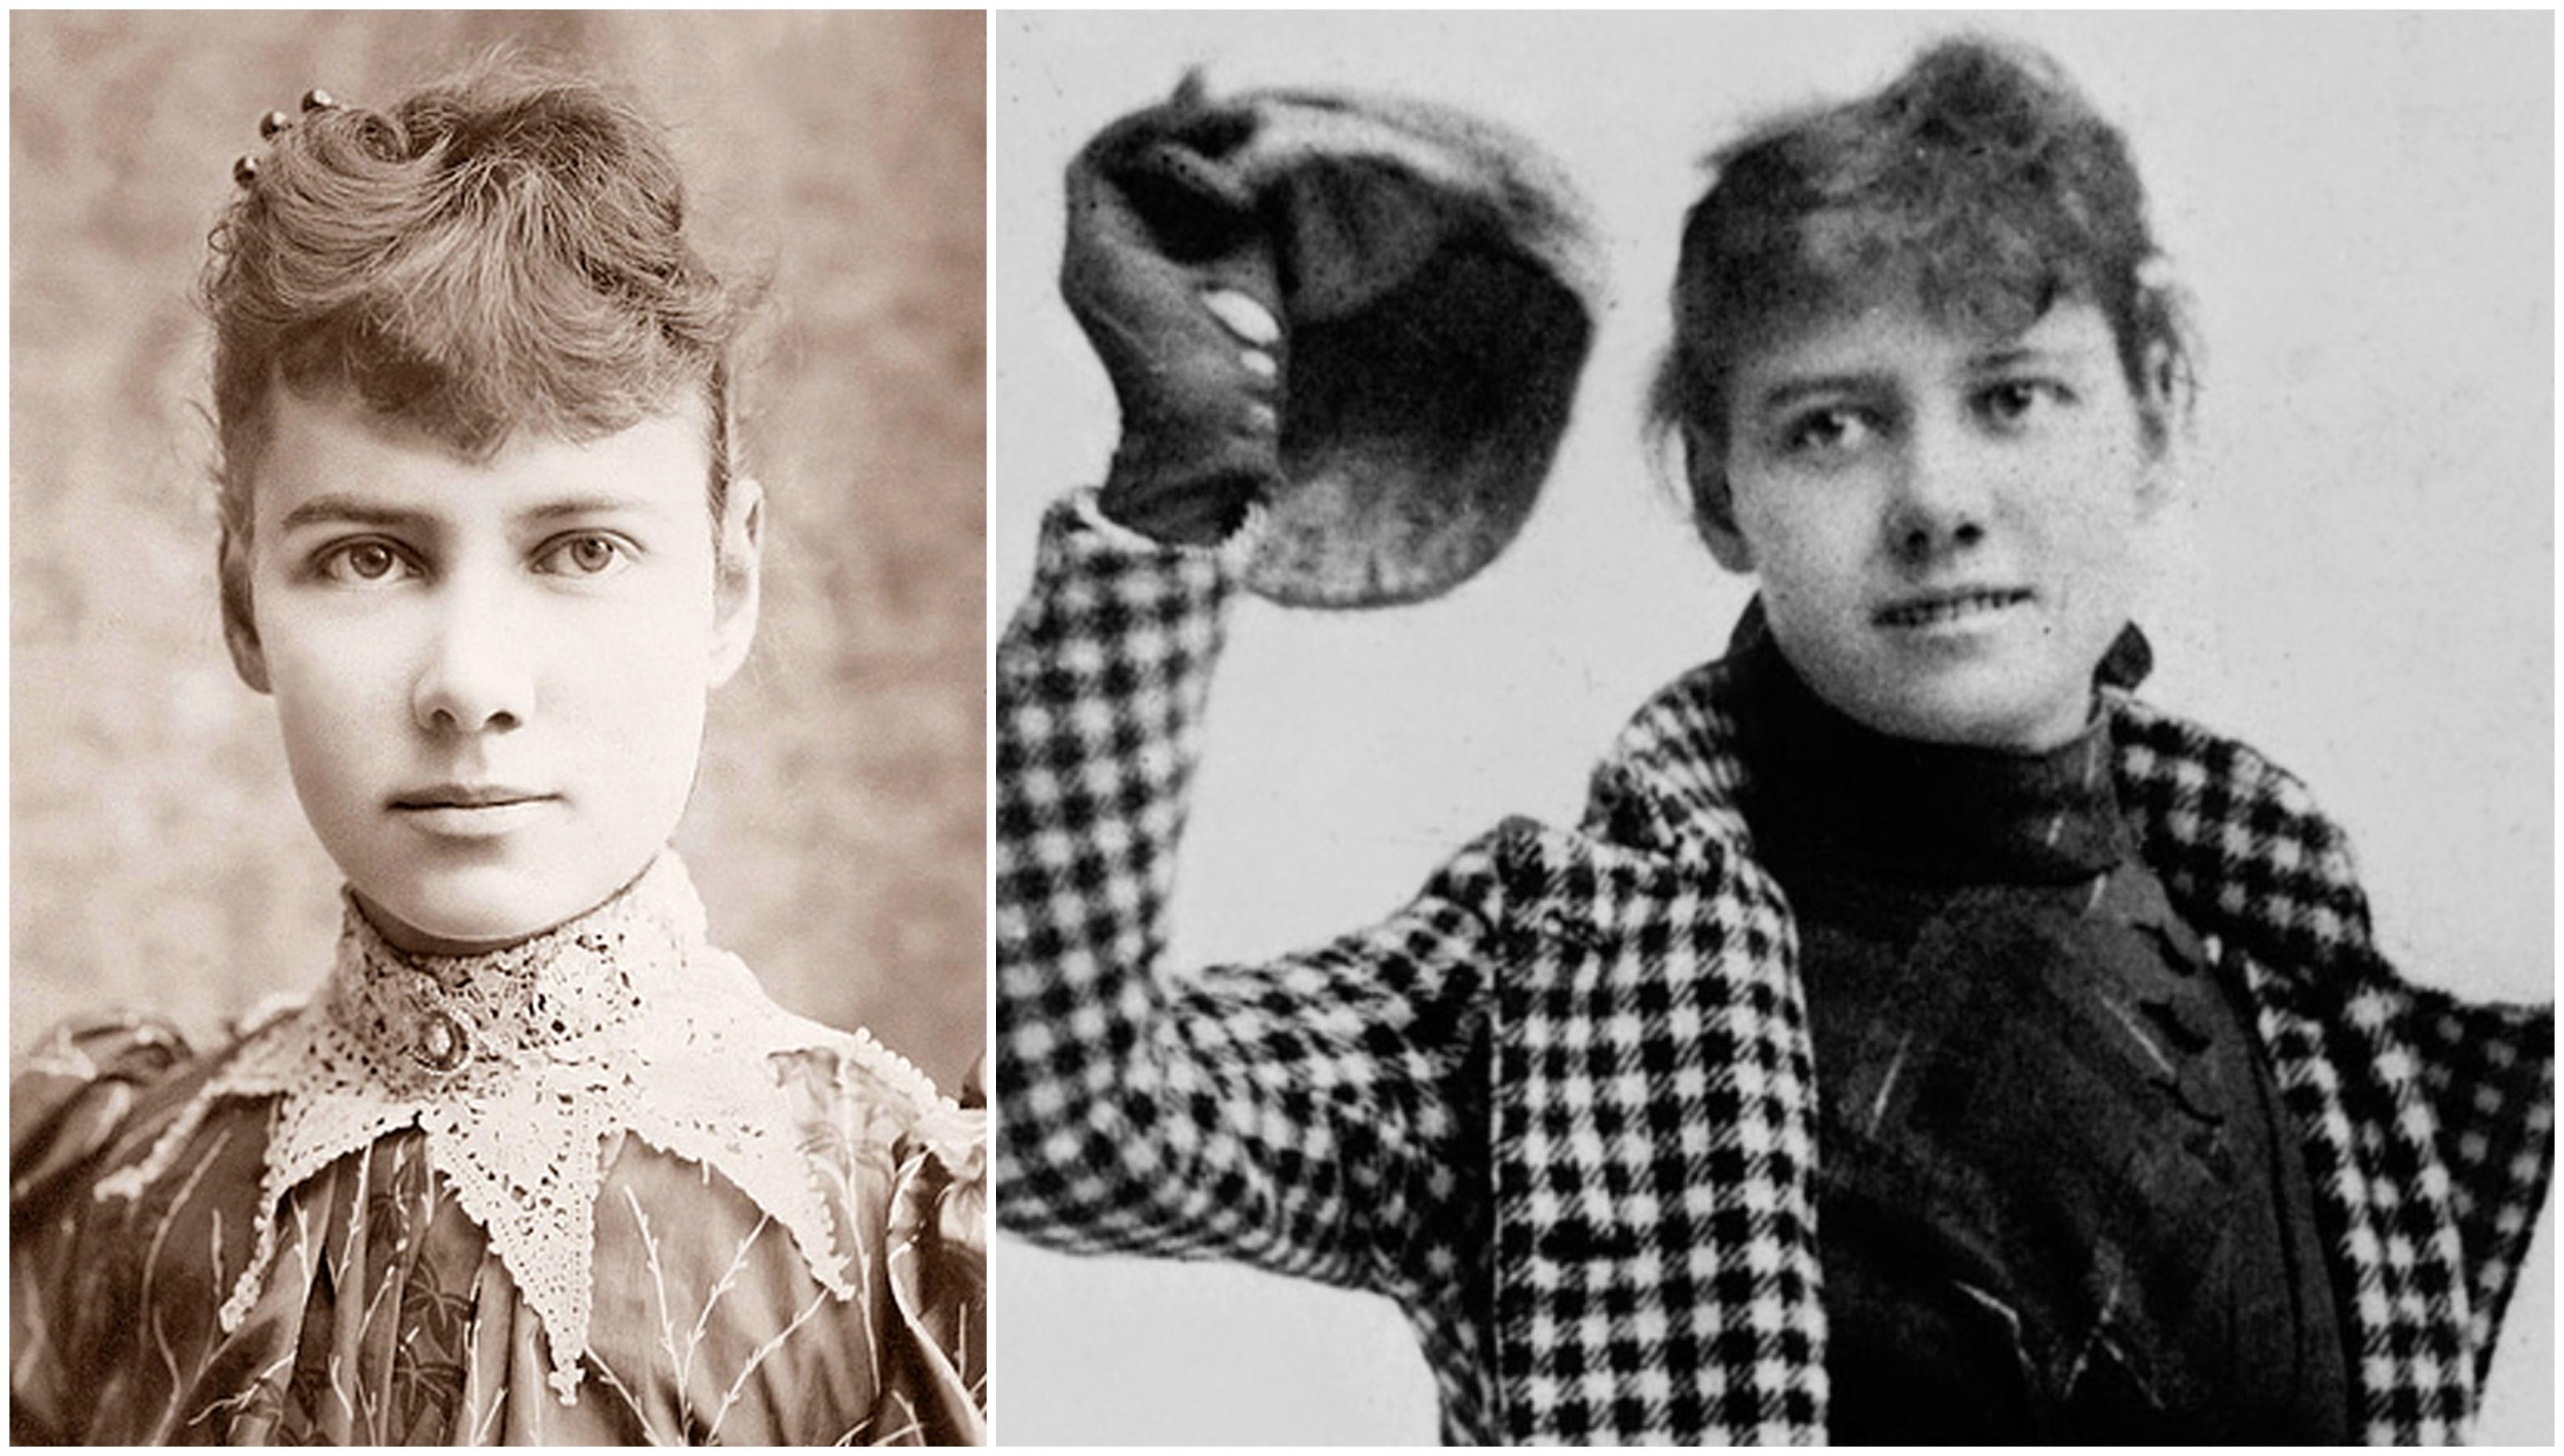 Nellie Bly viktoriánus sztárújságíró 72 nap alatt körbeutazta a Földet, egyedül, nőként, egyetéen táskával, mert azt mondták, erre csak egy férfi képes - és legyőzte a vele egyszerre induló férfi kollégáját!